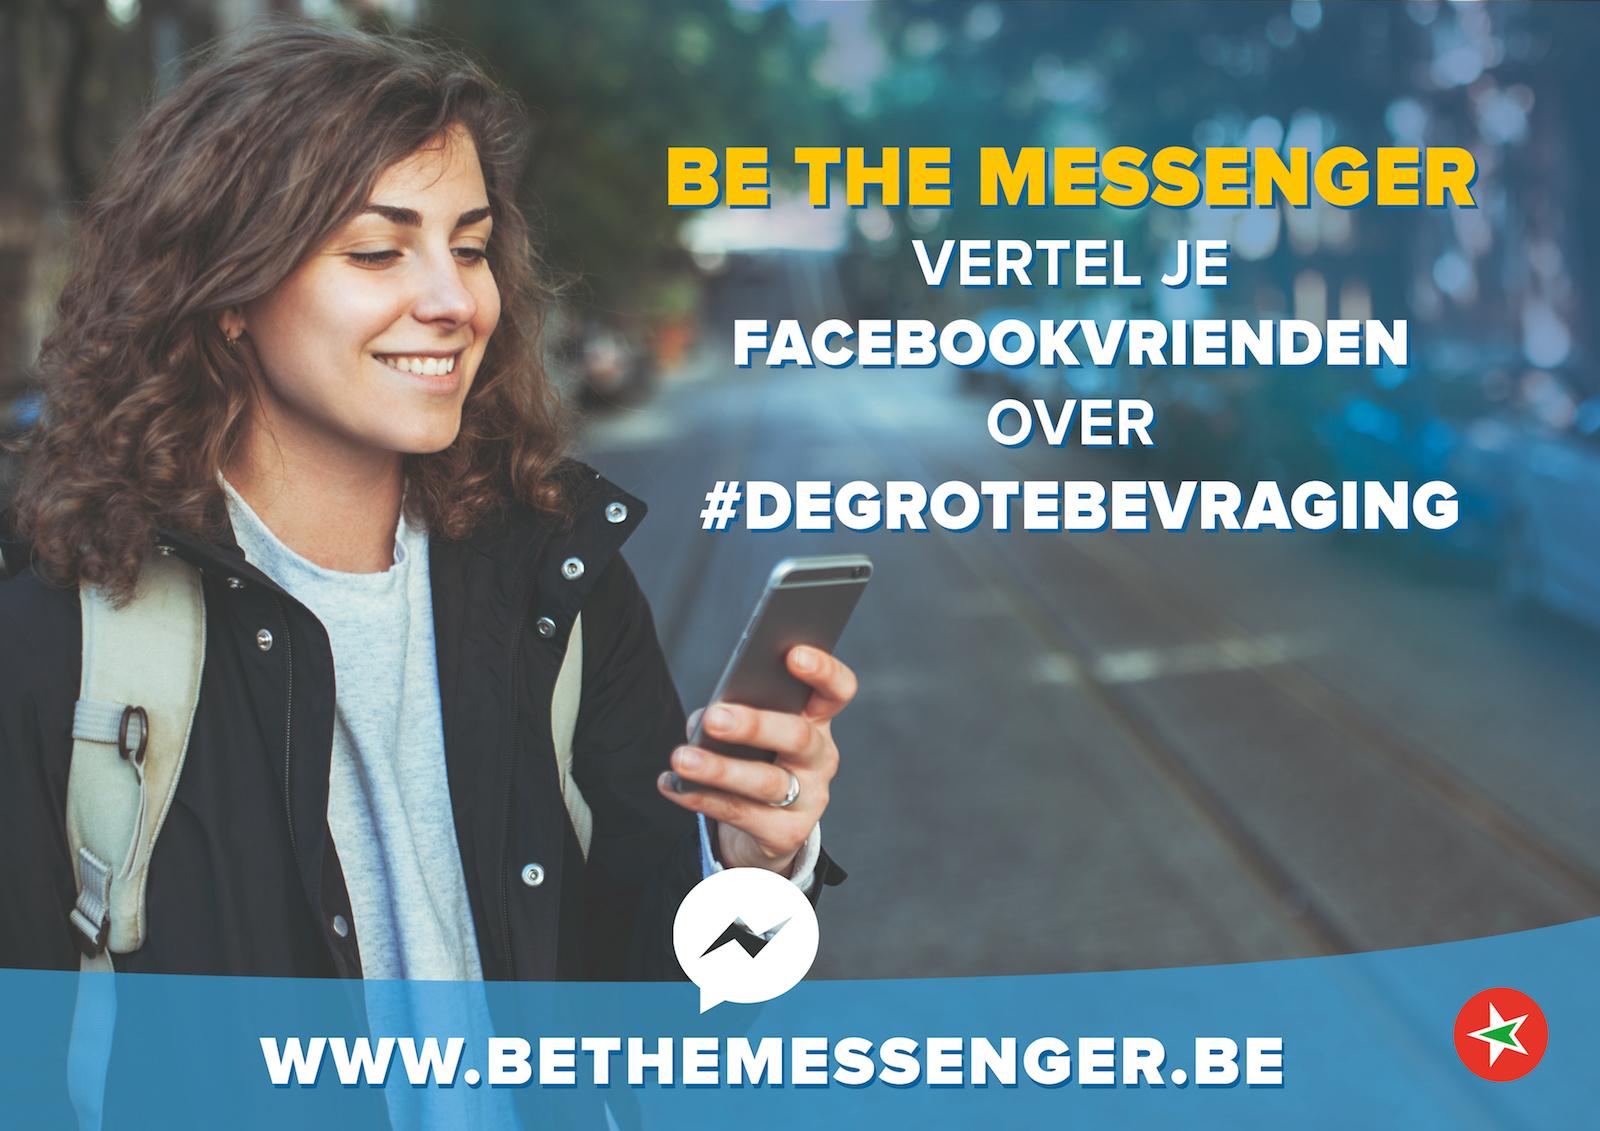 visuel_messenger3b.jpg